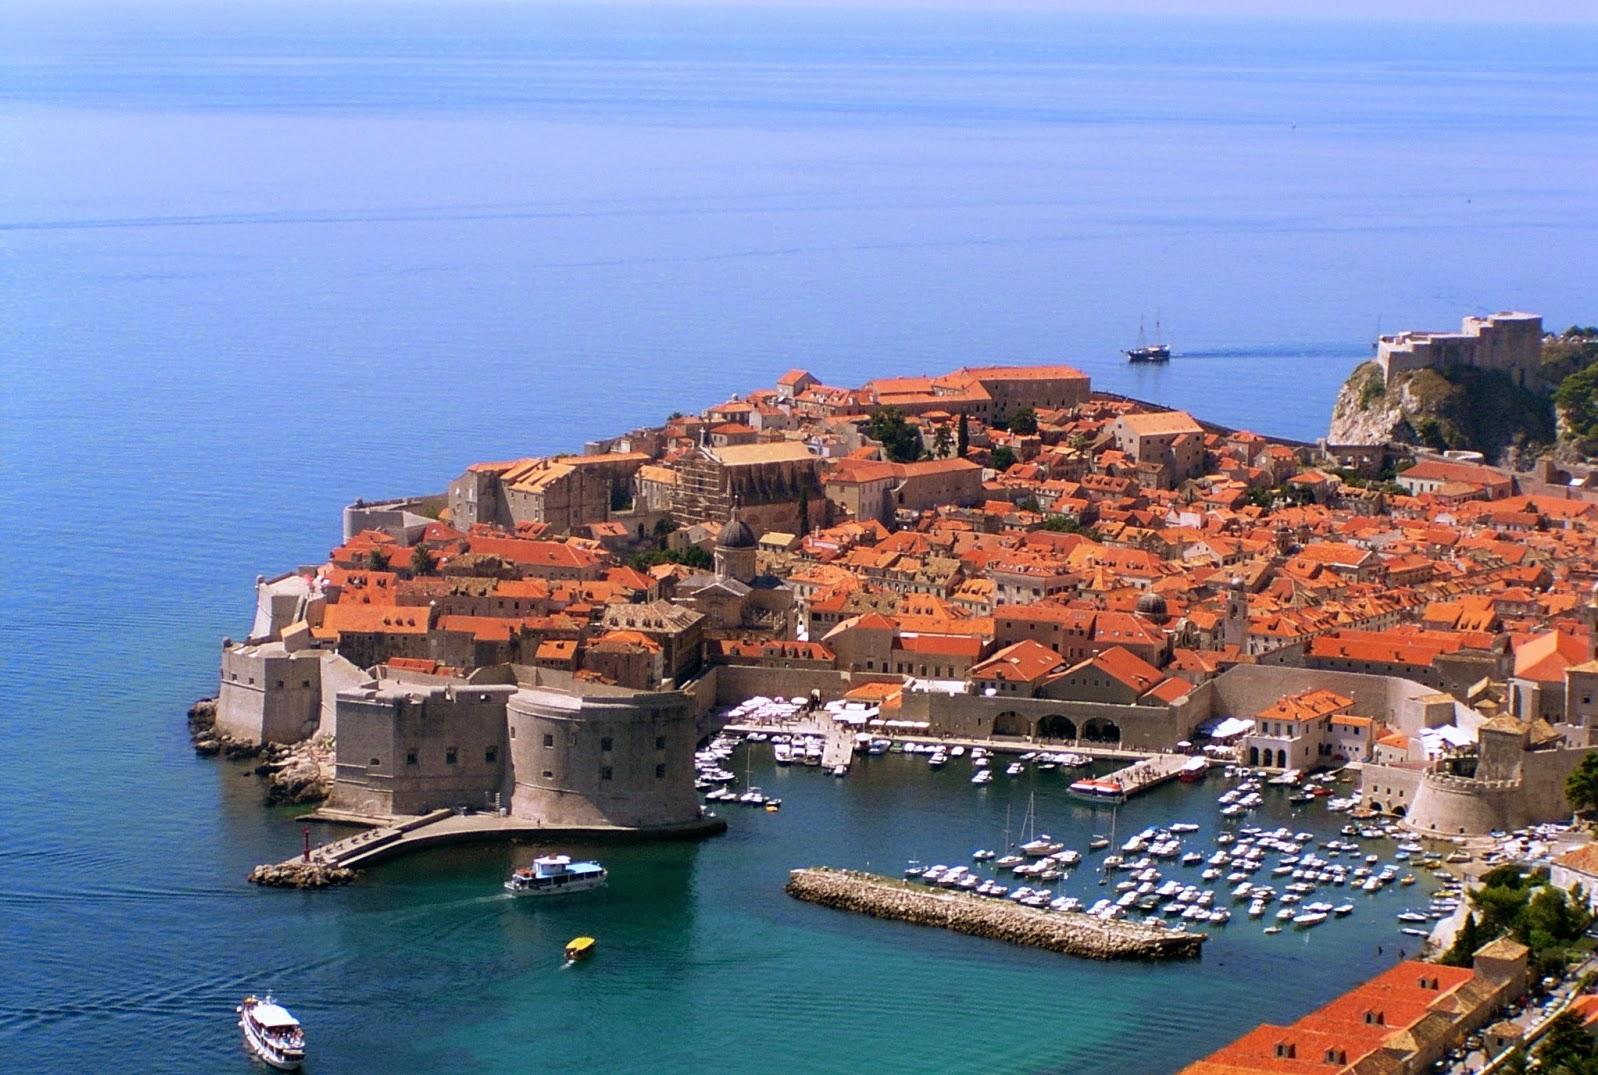 Bymurerne i Dubrovnik, Kroatien